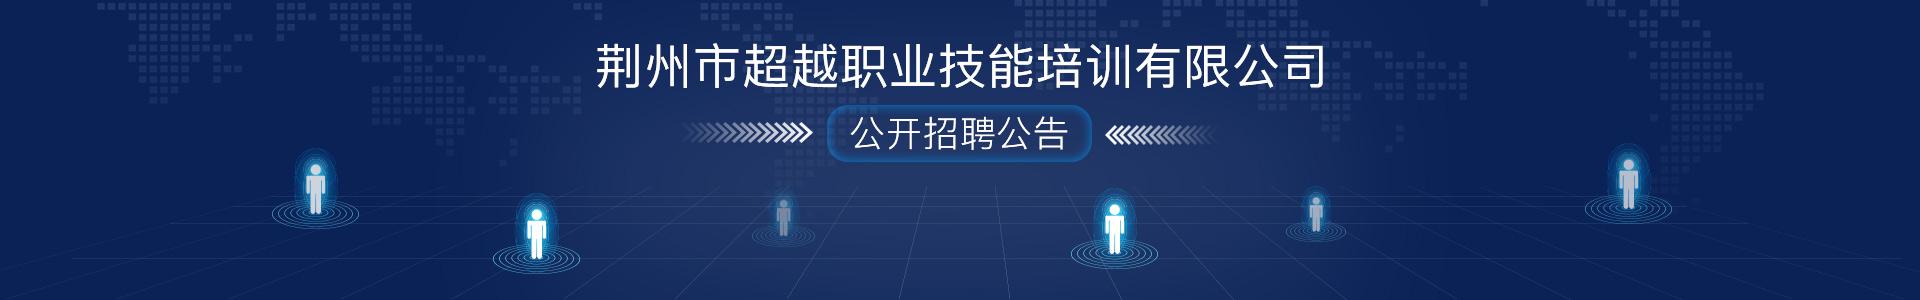 荊州市超越職業技能培訓有限公司公開招聘公告